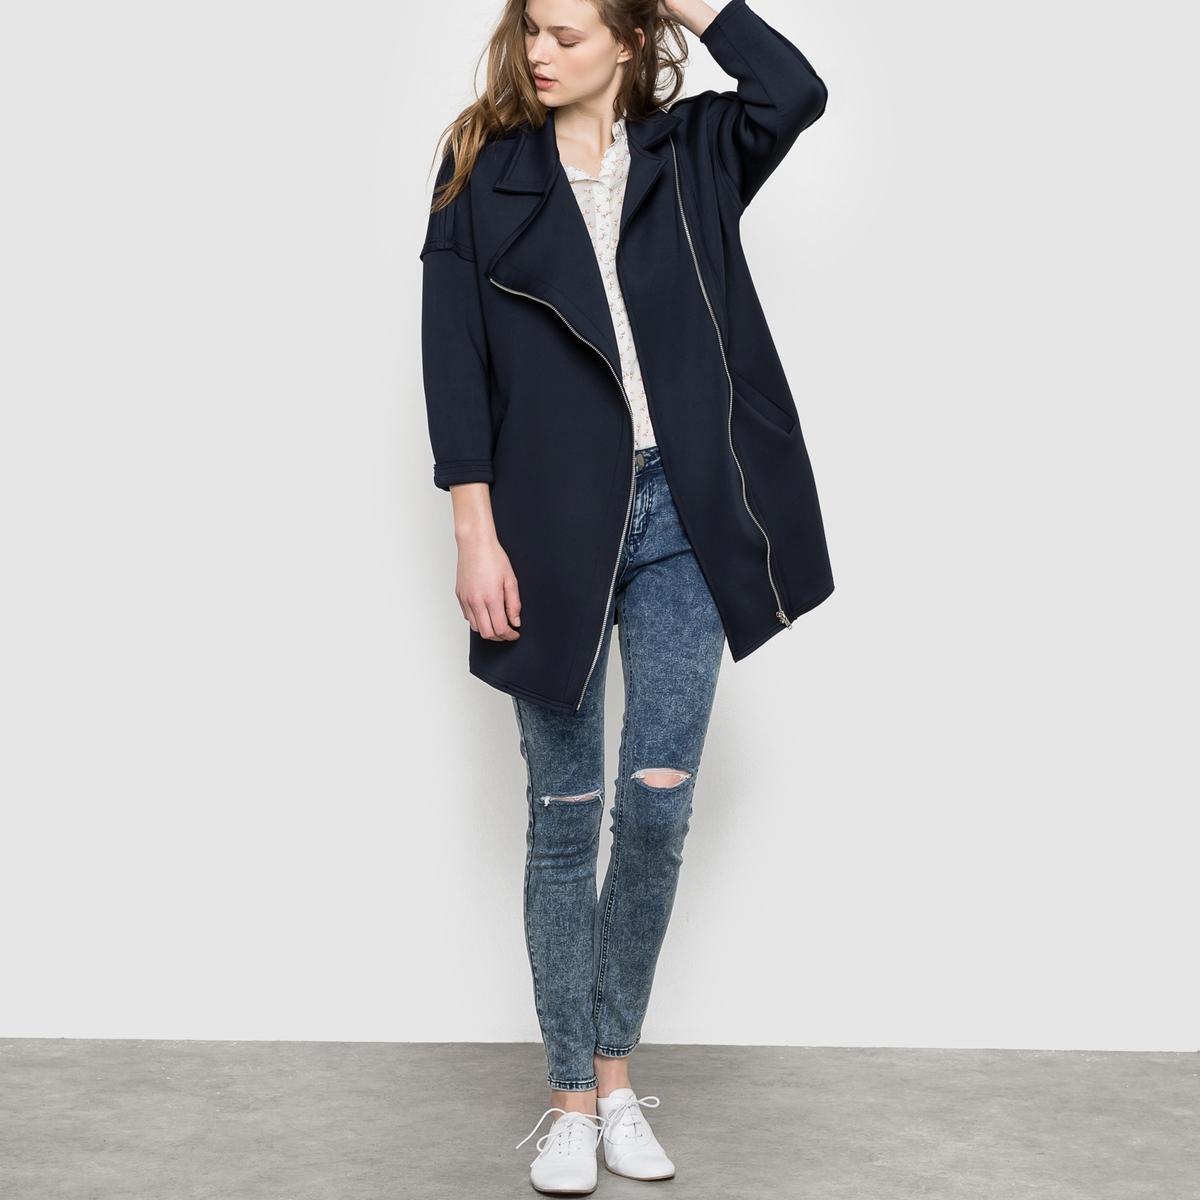 Пальто длинноеПальто длинное SUNCOO. Асимметричная застежка на молнию . Состав&amp;детали     Материал:  95% полиэстера, 5% эластана     Марка: SUNCOO<br><br>Цвет: темно-синий<br>Размер: M